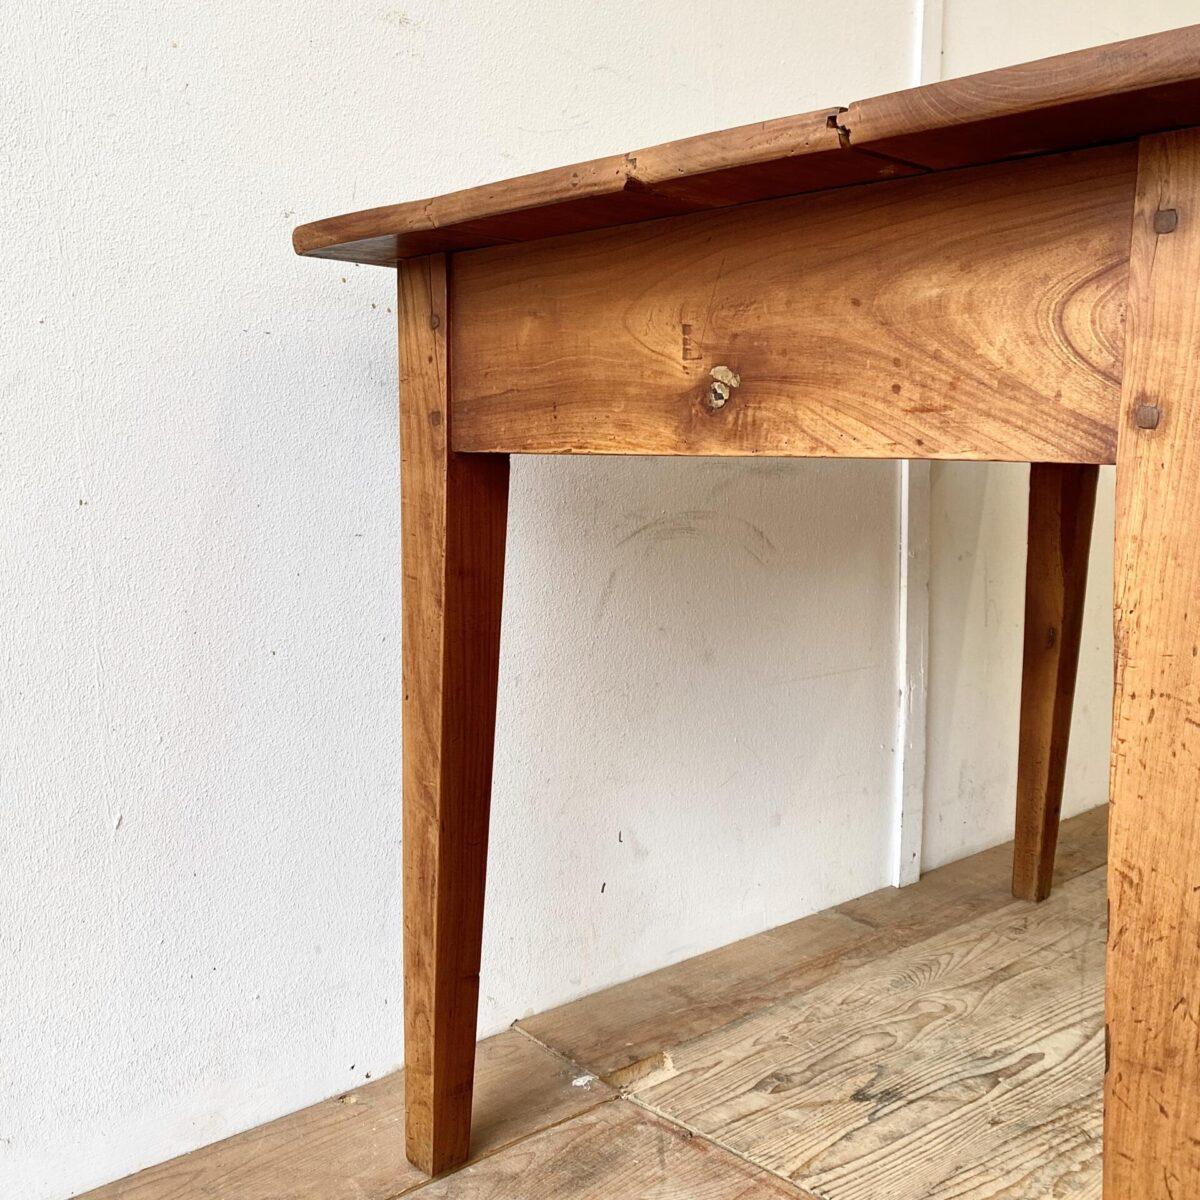 Alter Kirschbaum Biedermeiertisch mit Schublade. 115x70cm Höhe 73cm. Dieser Schreibtisch hat eine intensive rötliche Alterspatina. Schlichte geradlinige Form. Das Tischblatt hat ein paar Kratzer und Hicke. Aber alles in stabilem Alltagstauglichen Vintage Zustand.